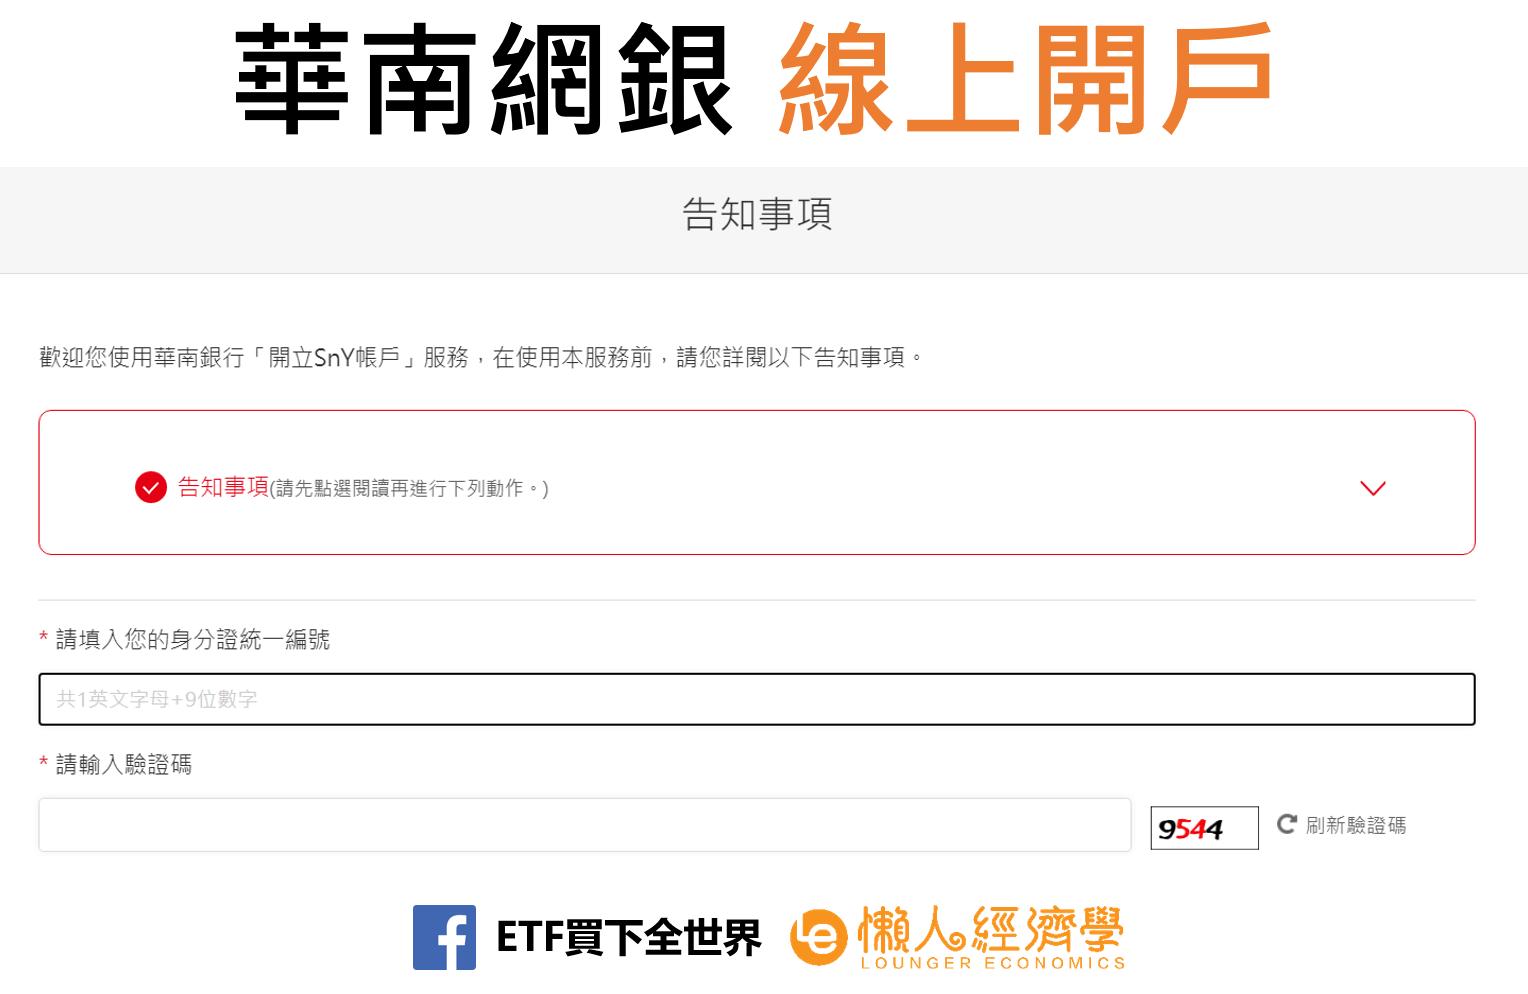 華南數位帳戶申請教學